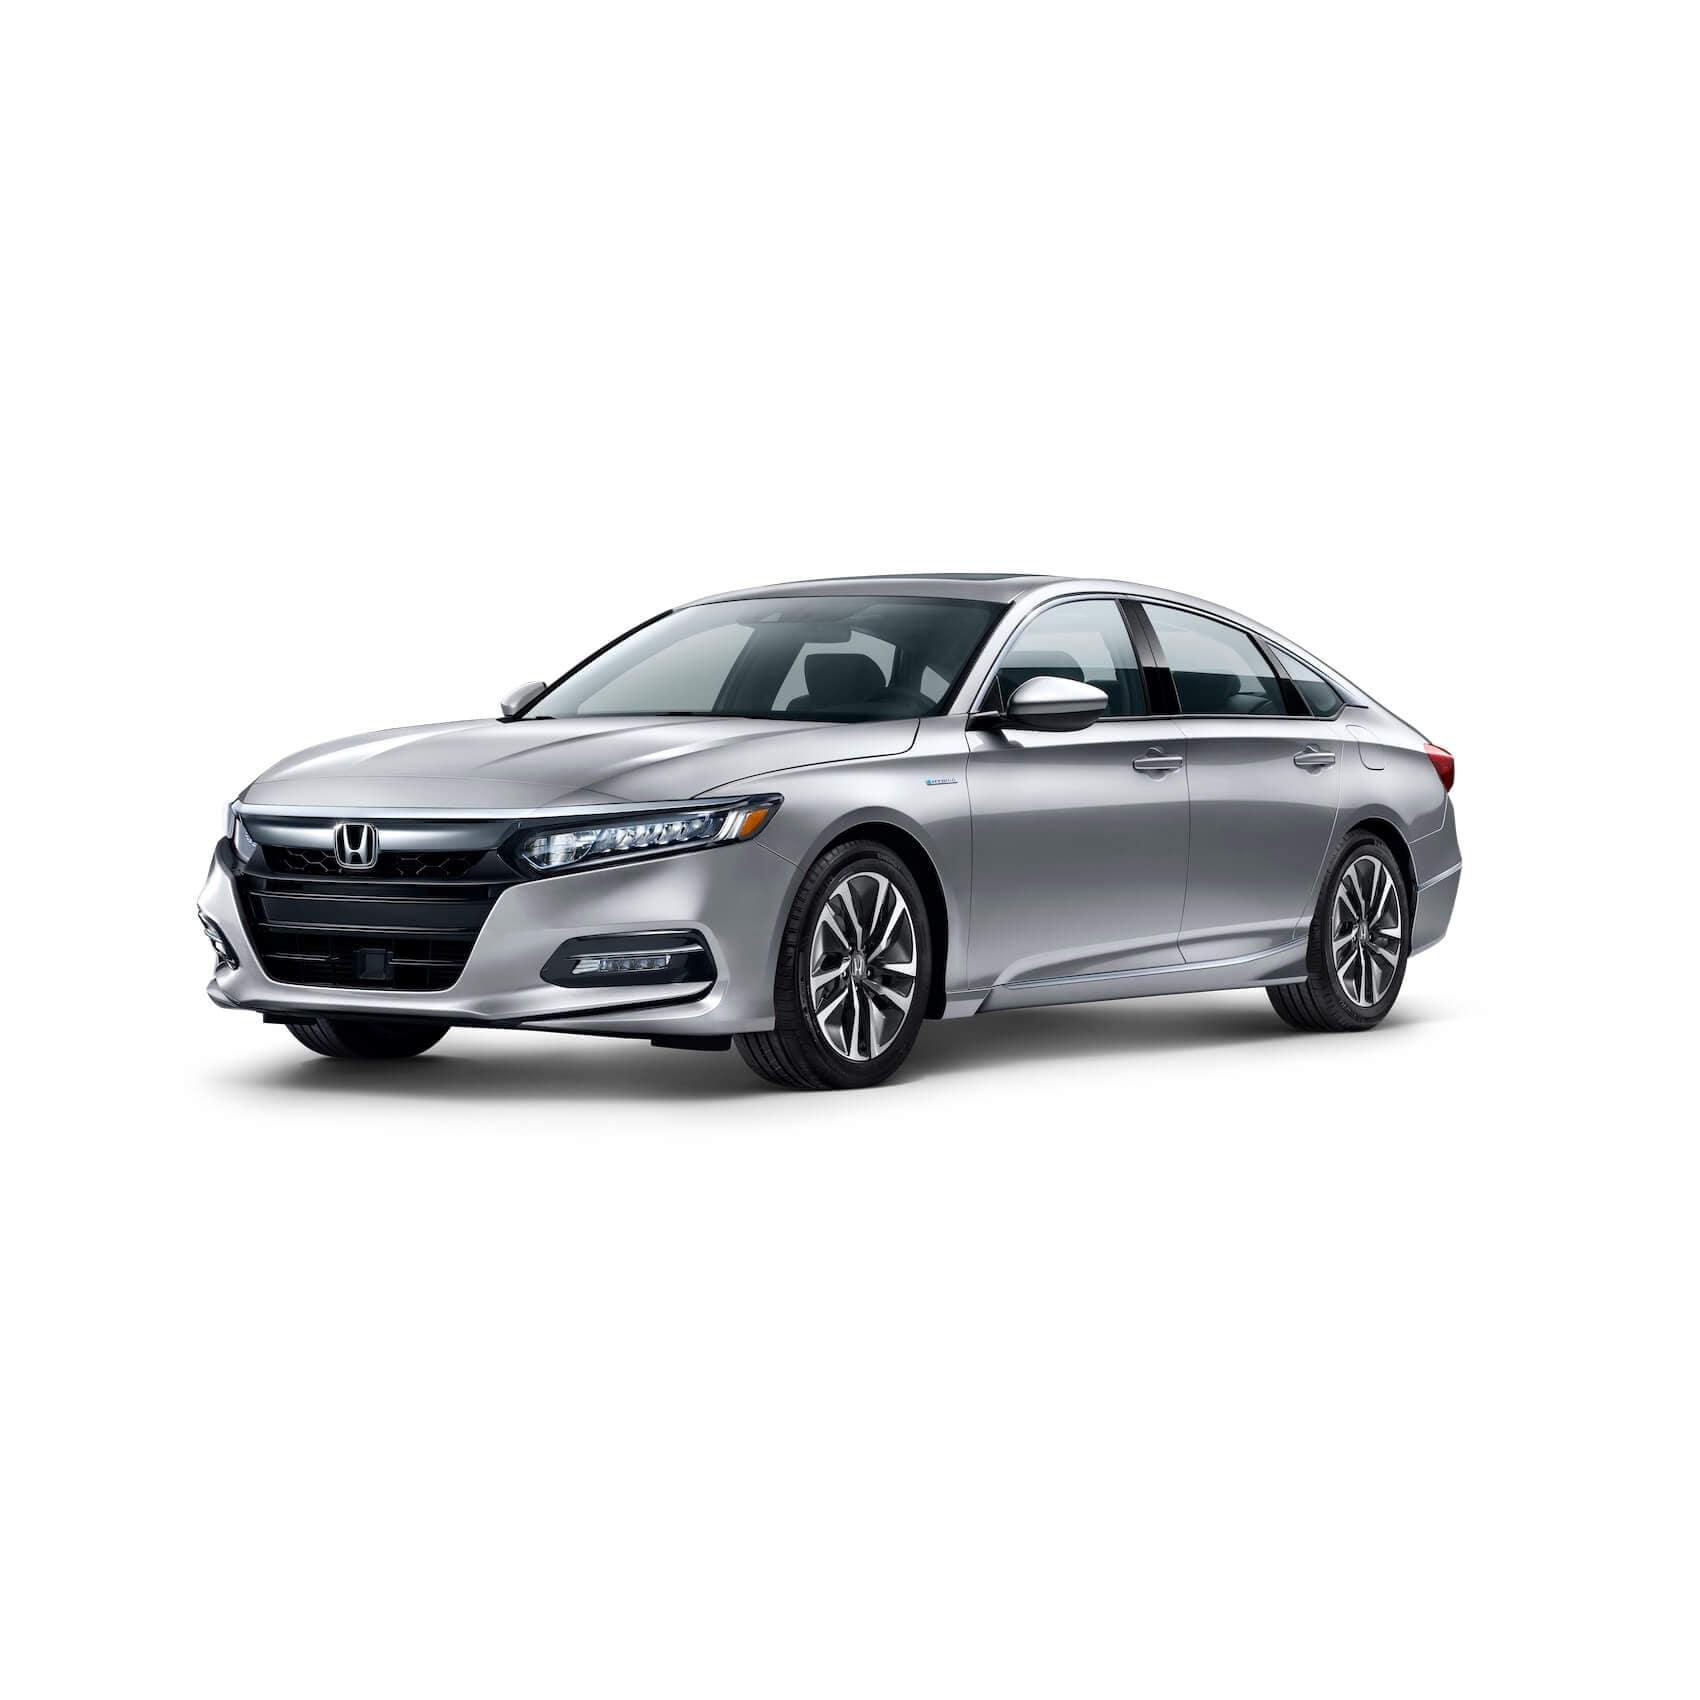 Honda Accord Hybrid 2020